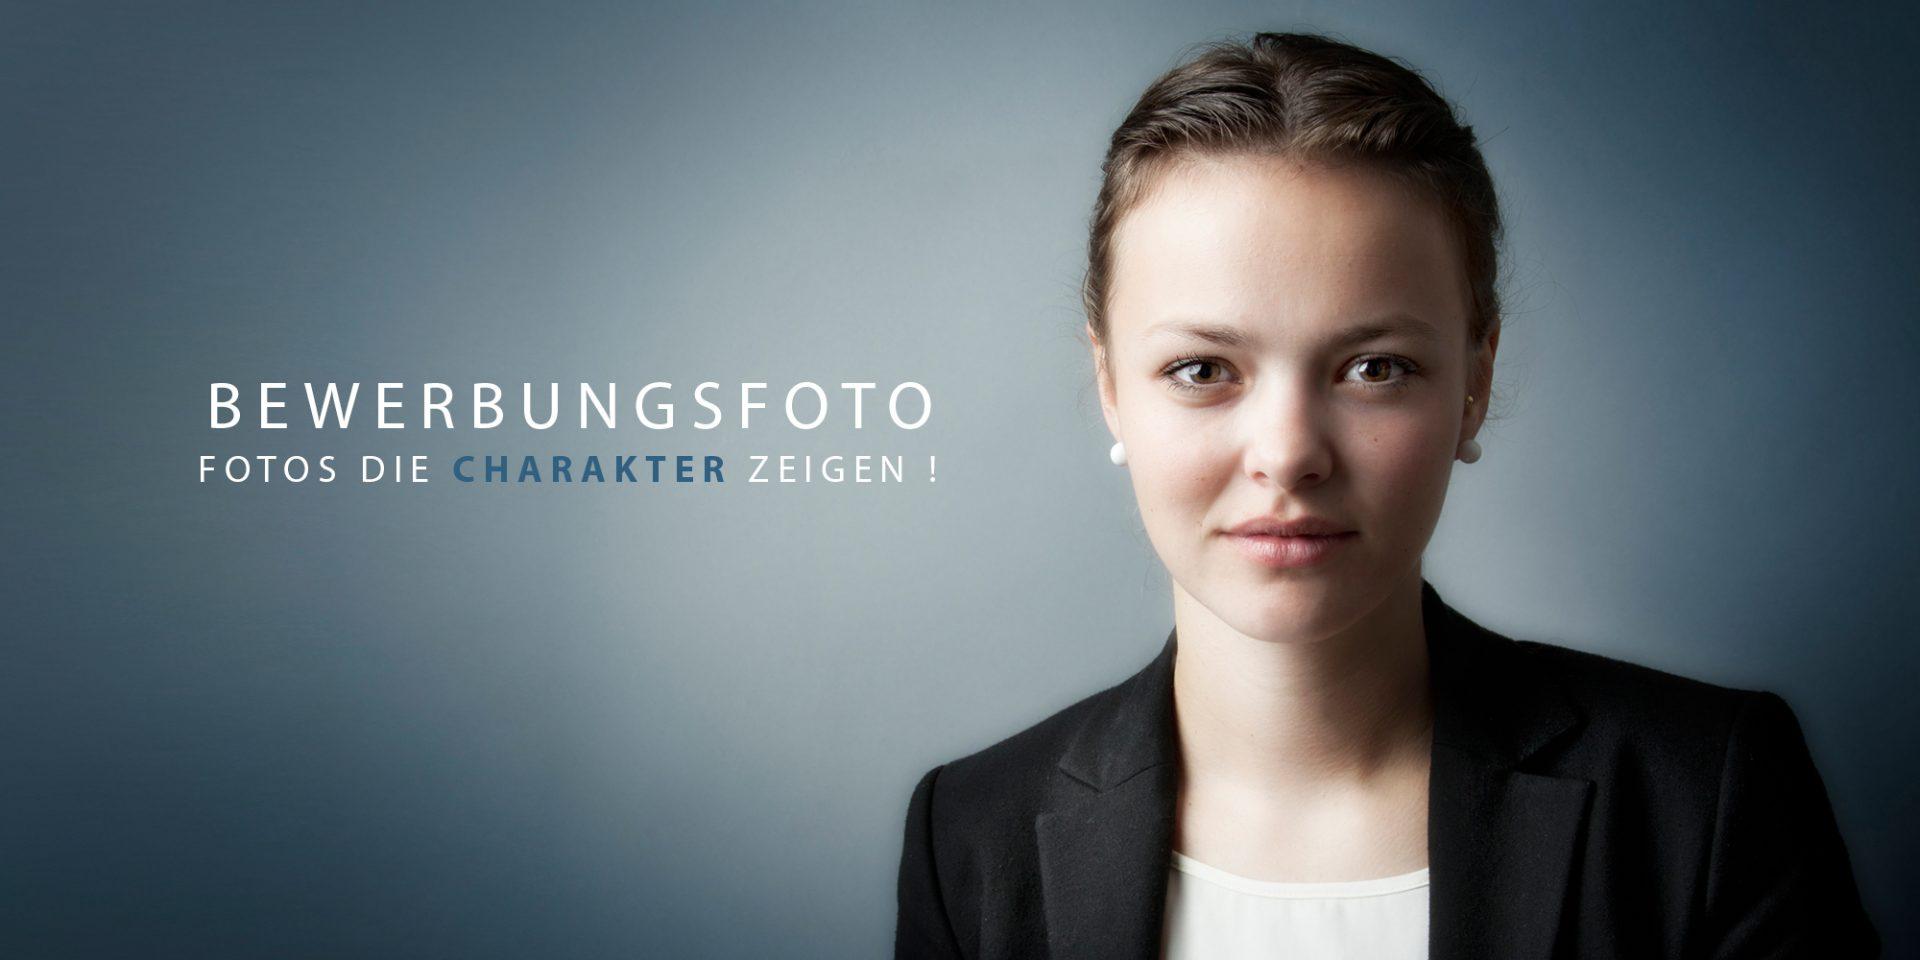 Bewerbungsfotos Buisnessfotos Fotograf Hannover